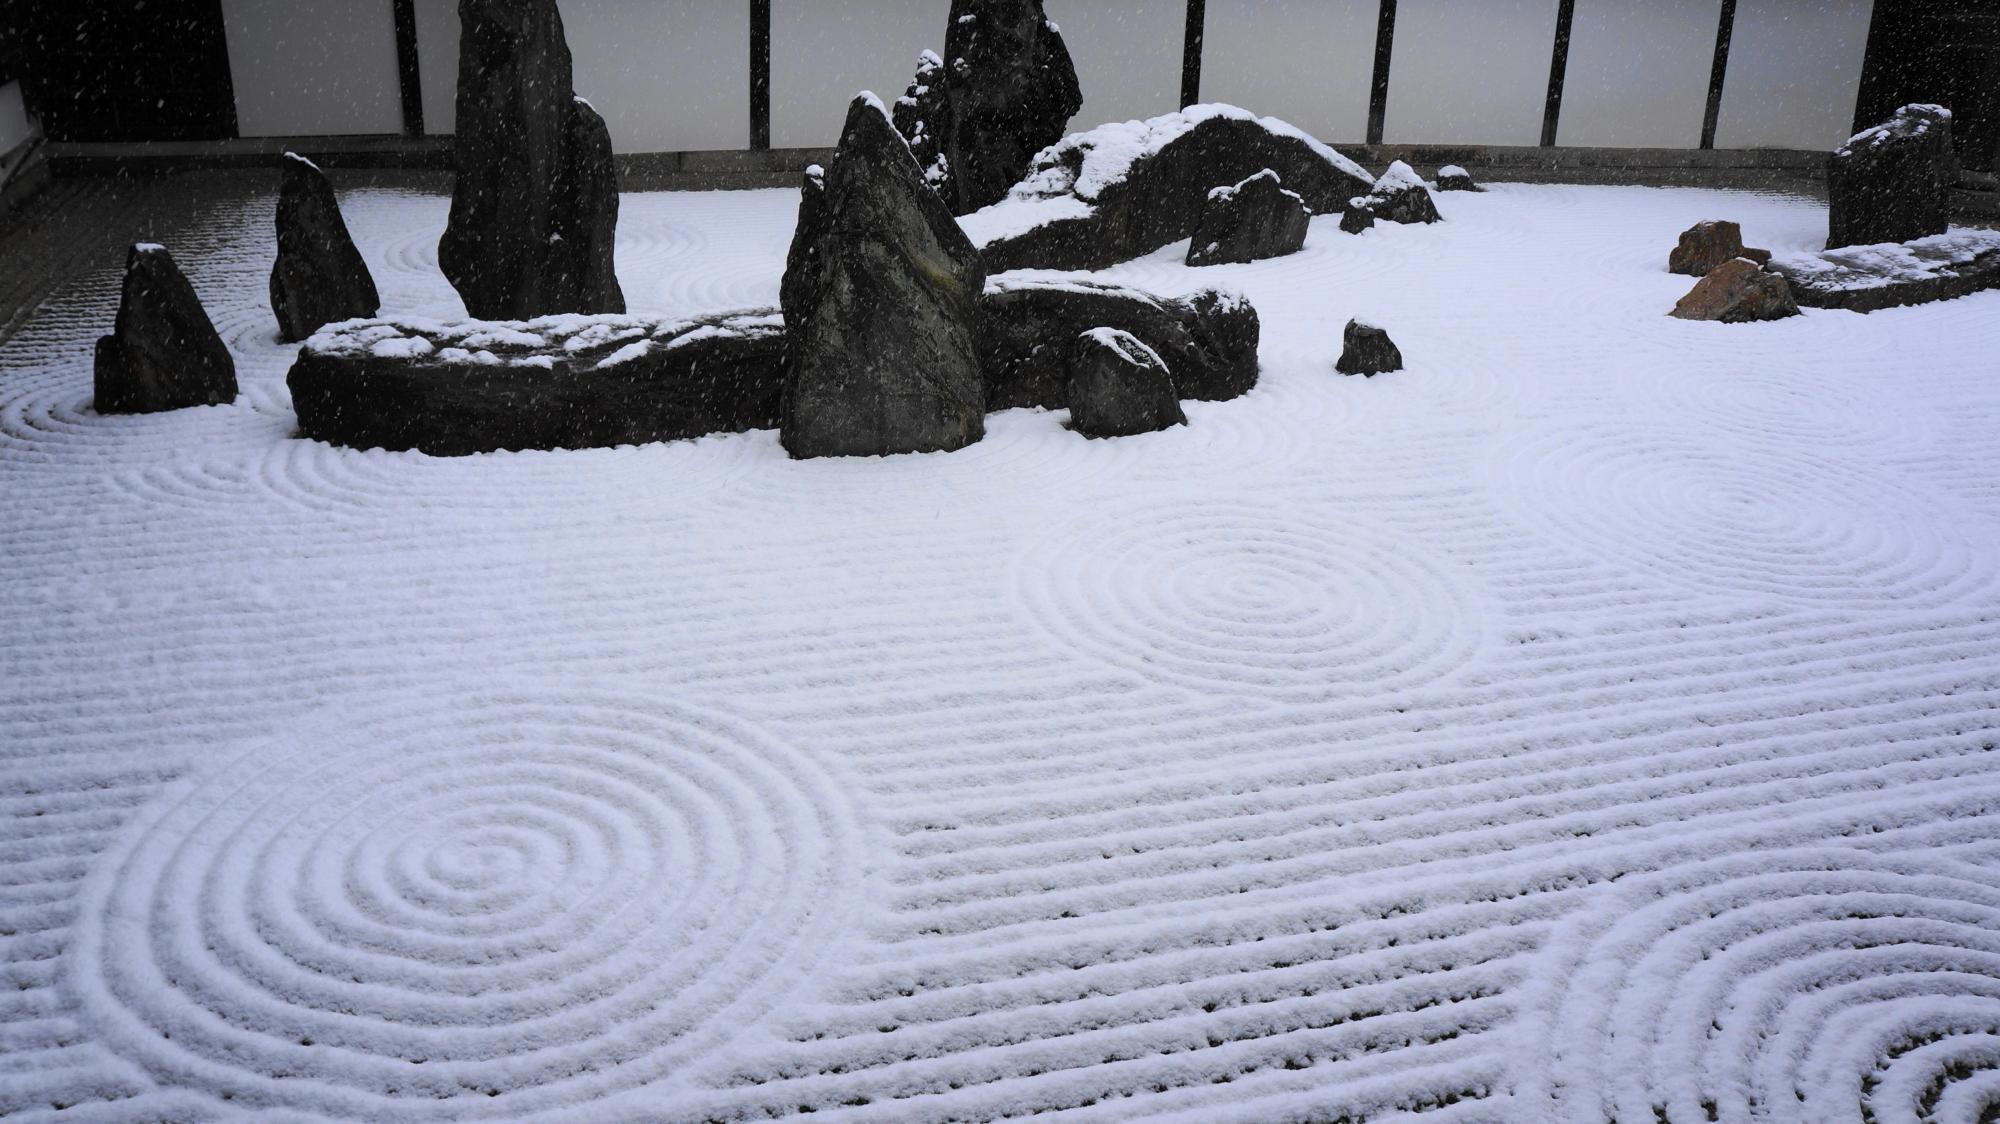 東福寺の力強い巨石や岩が配された雪の南庭